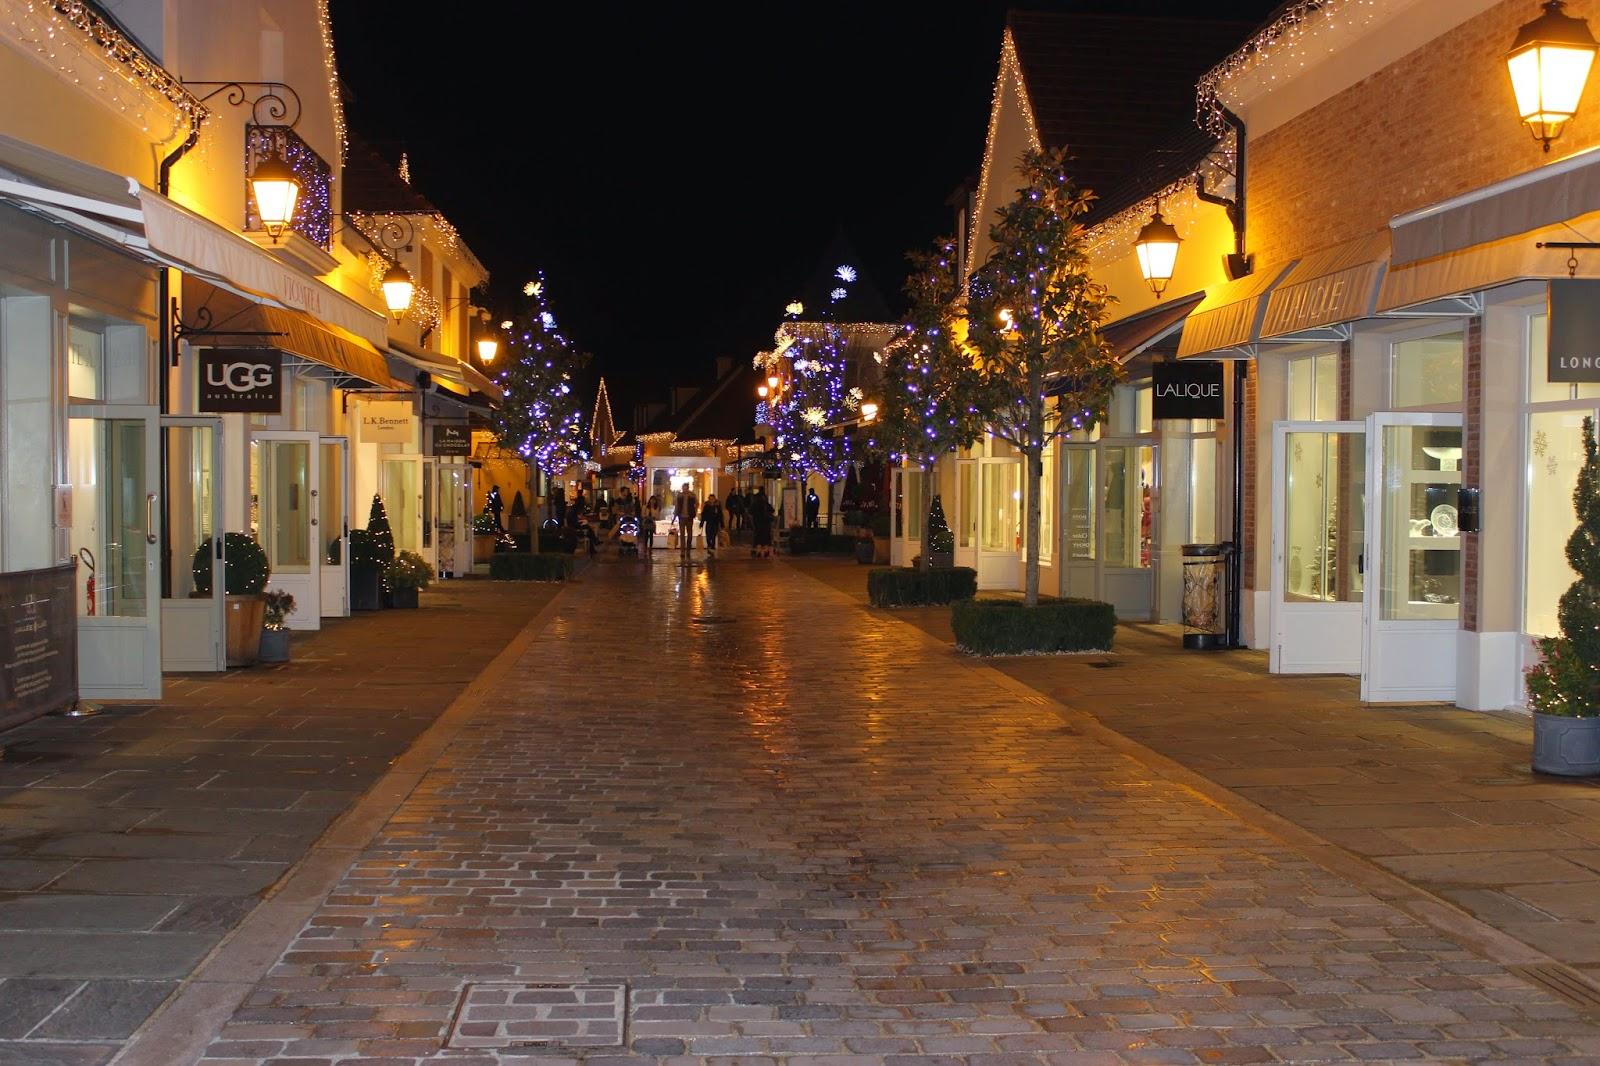 la vallée village, cape mademoiselle R, chaussures minelli